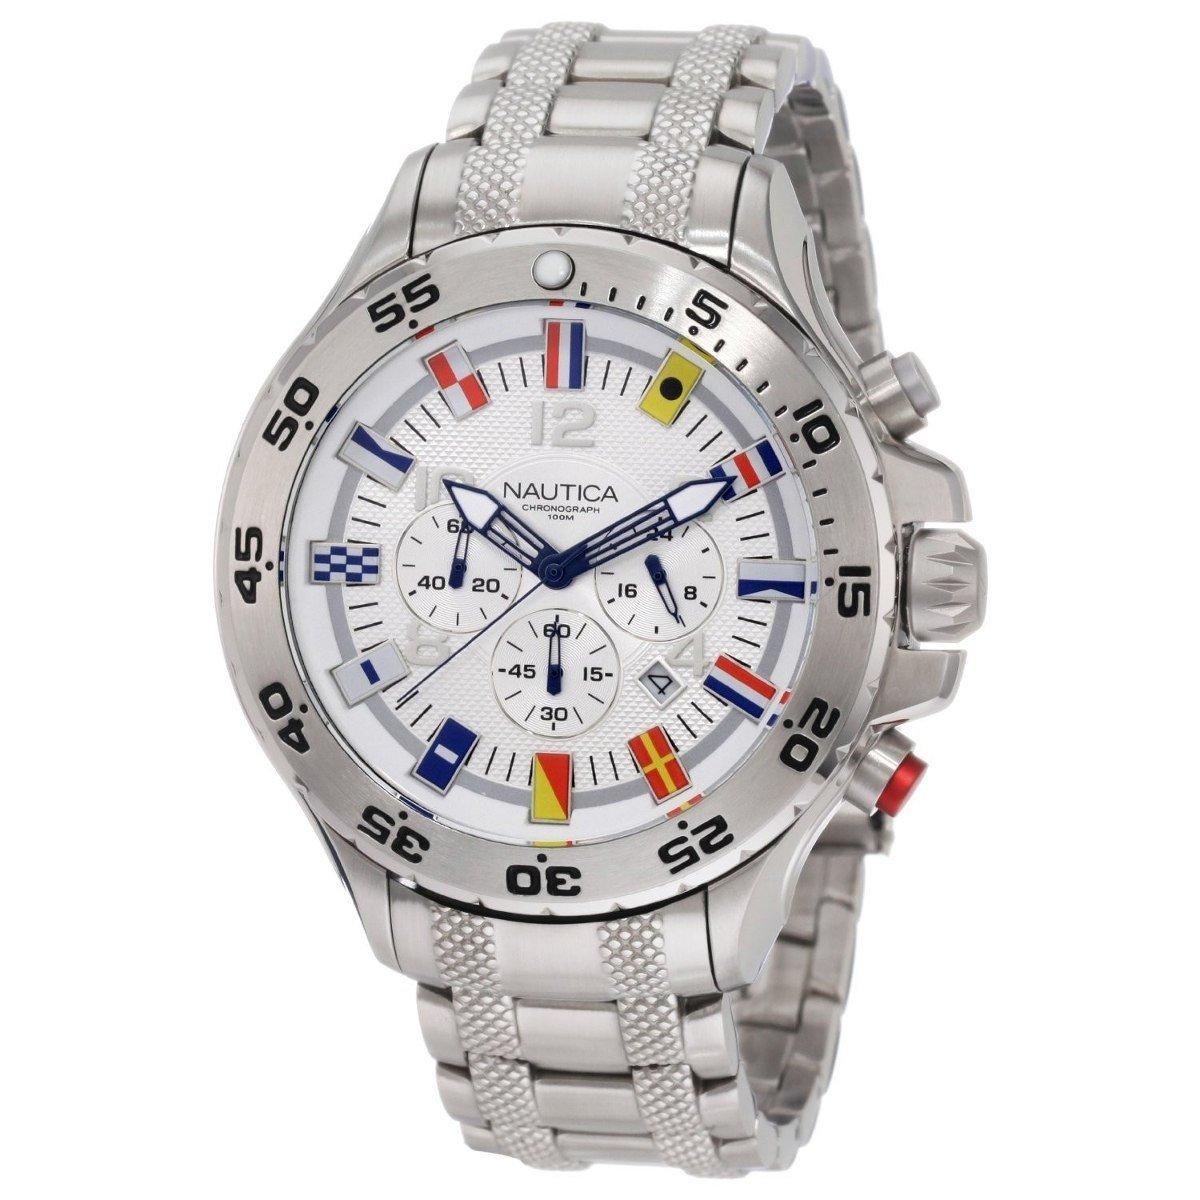 orologio uomo nautica prezzi